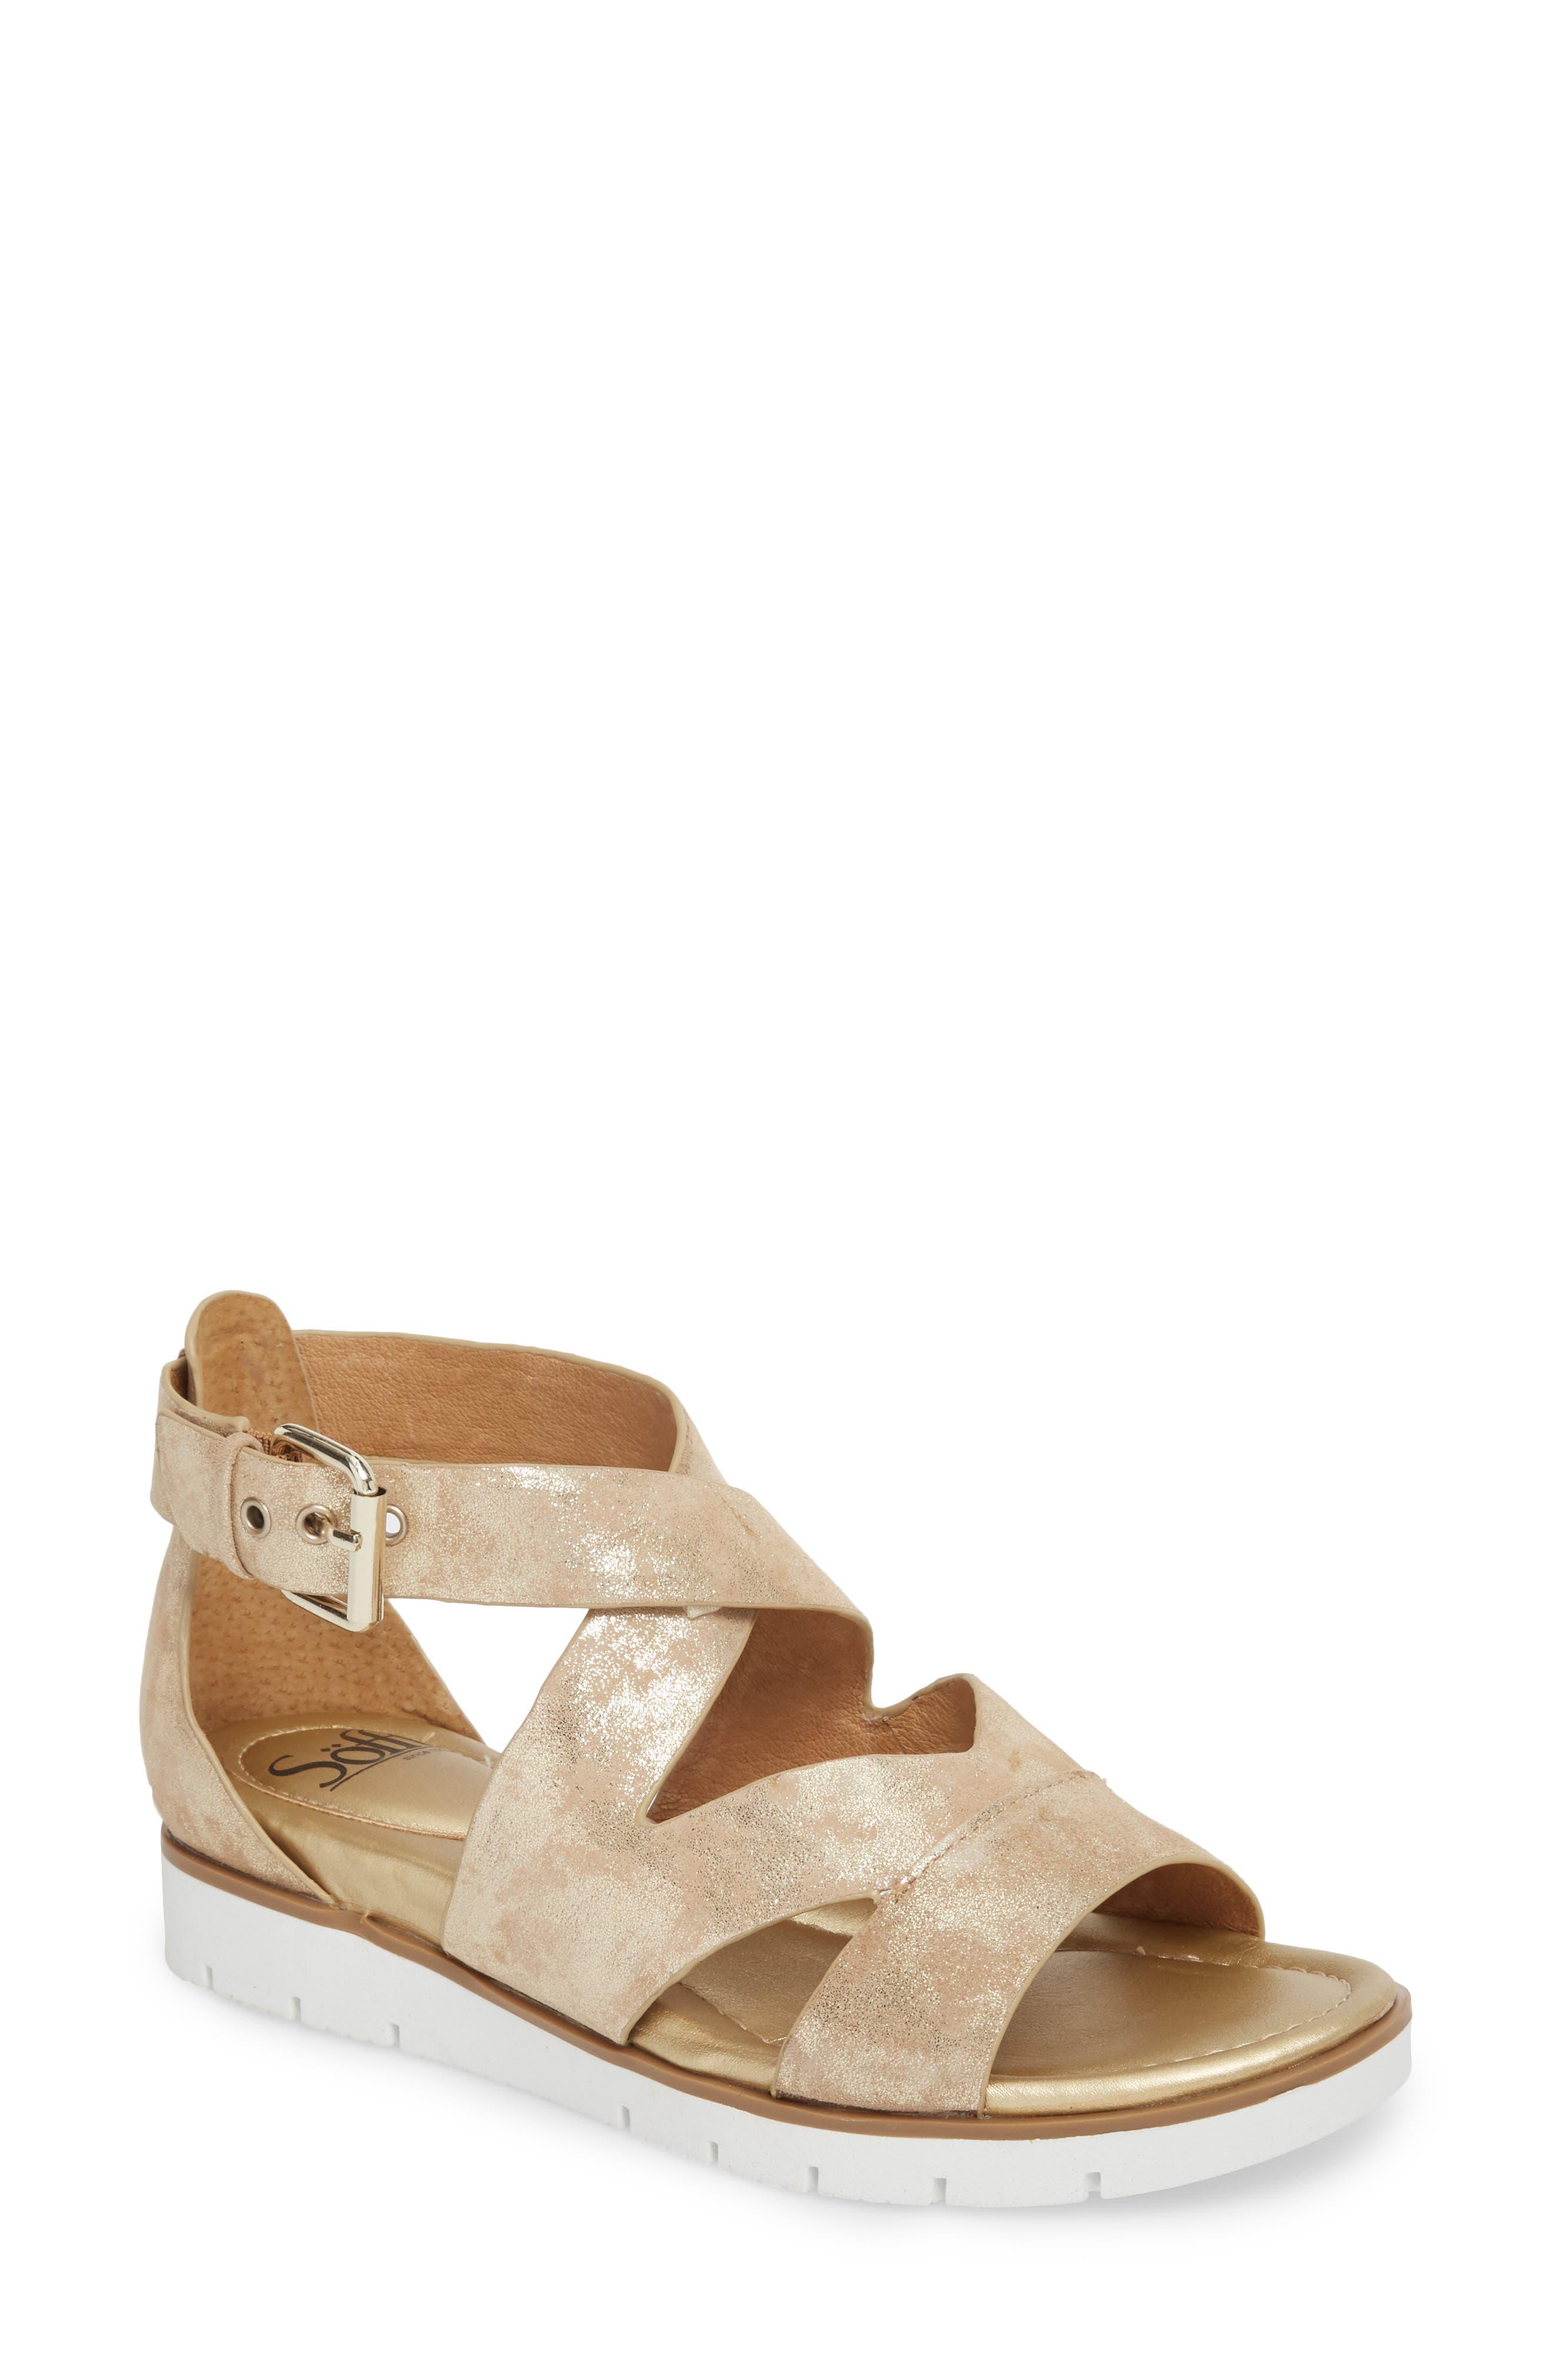 Söfft 'Mirabelle' Sport Sandal (Women)